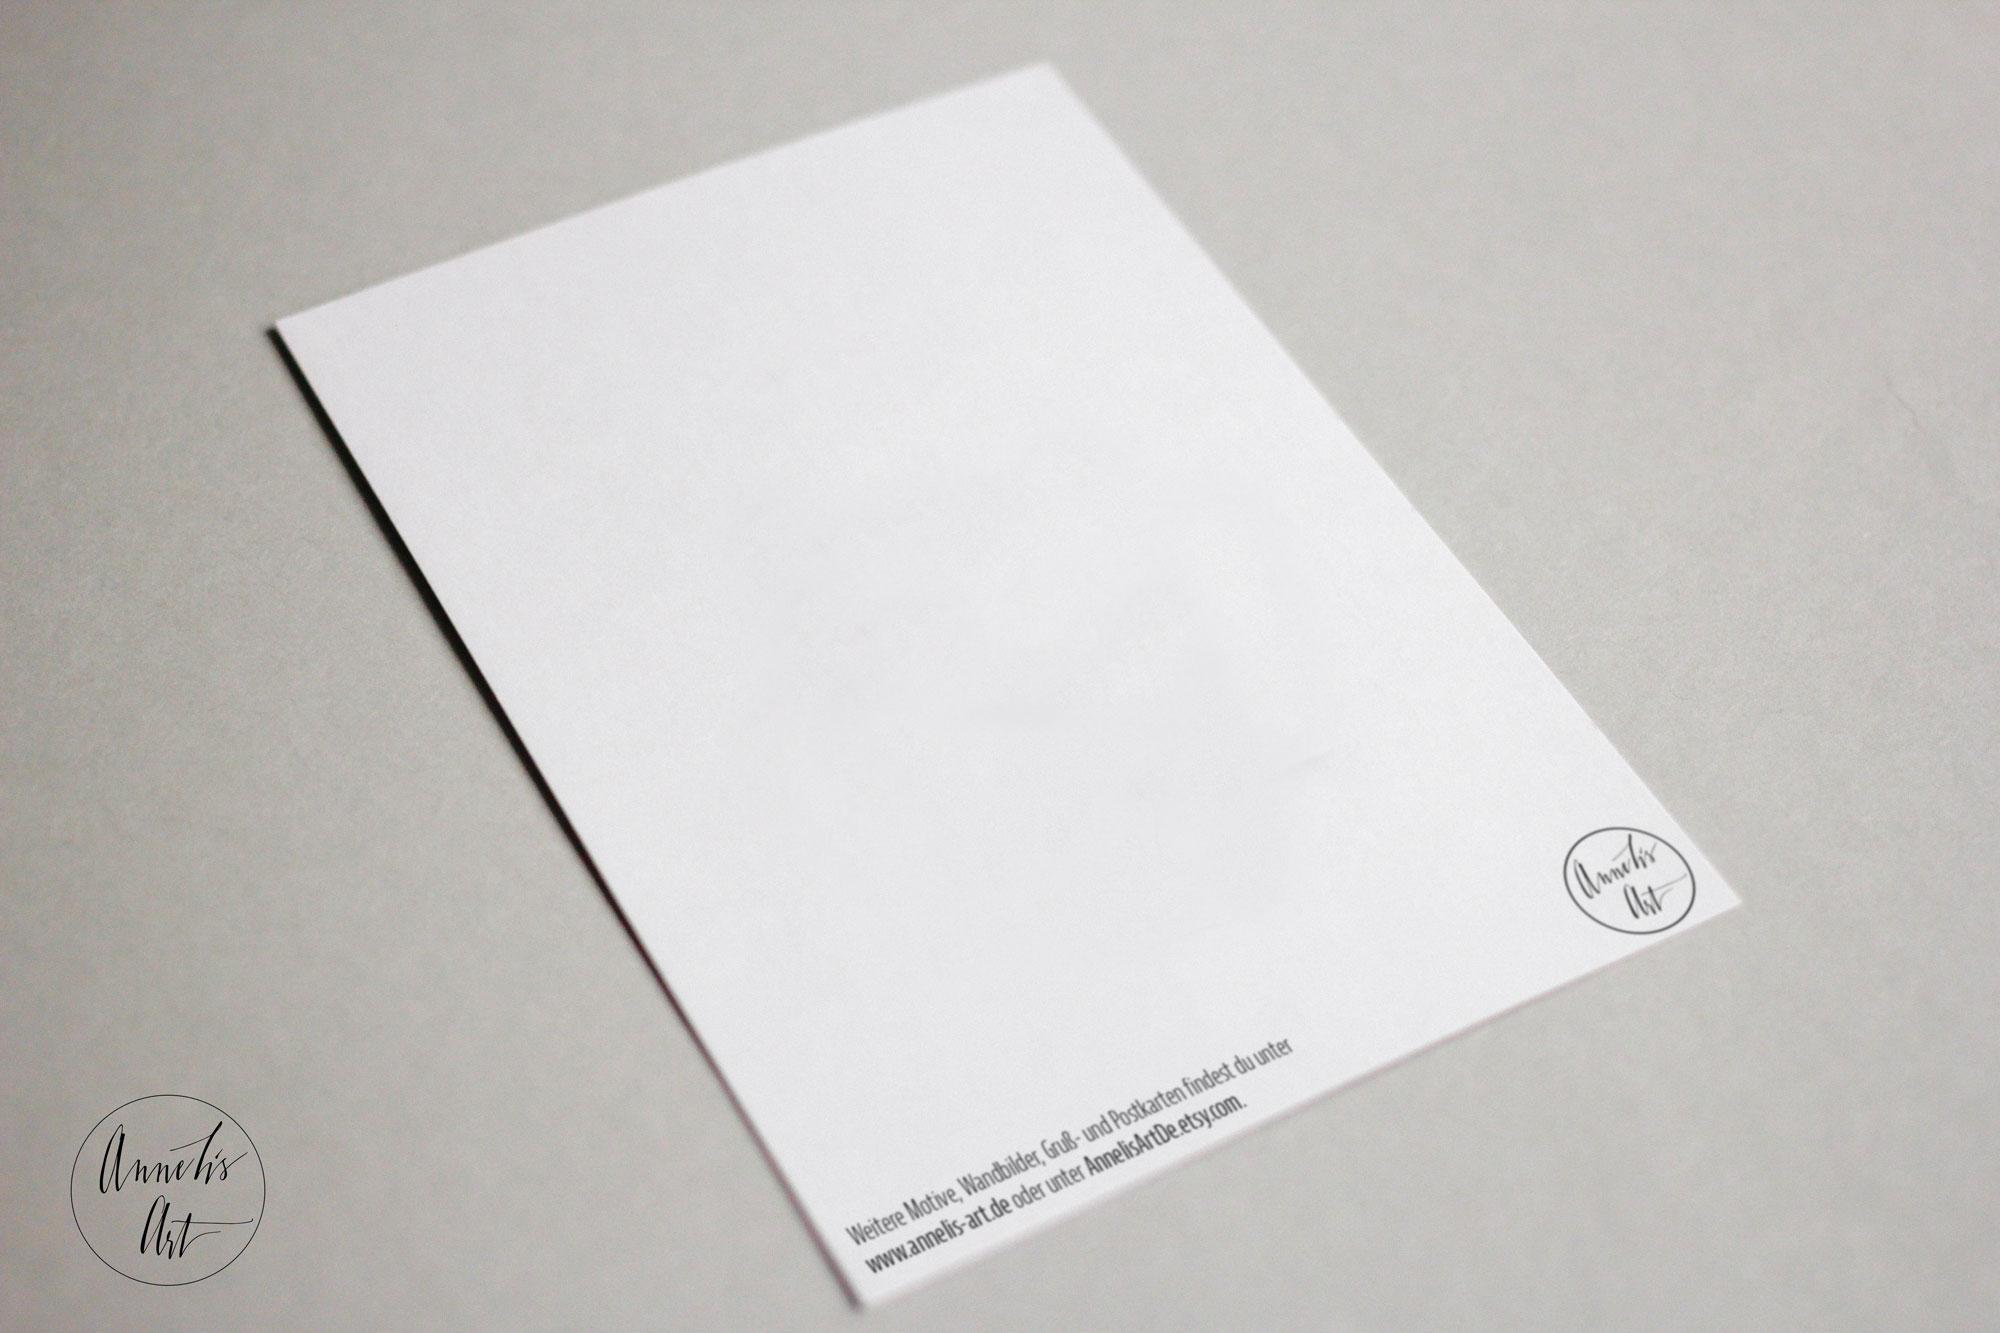 Postkarte zur Taufe   Grußkarte - Du bist du, vergiss das nie